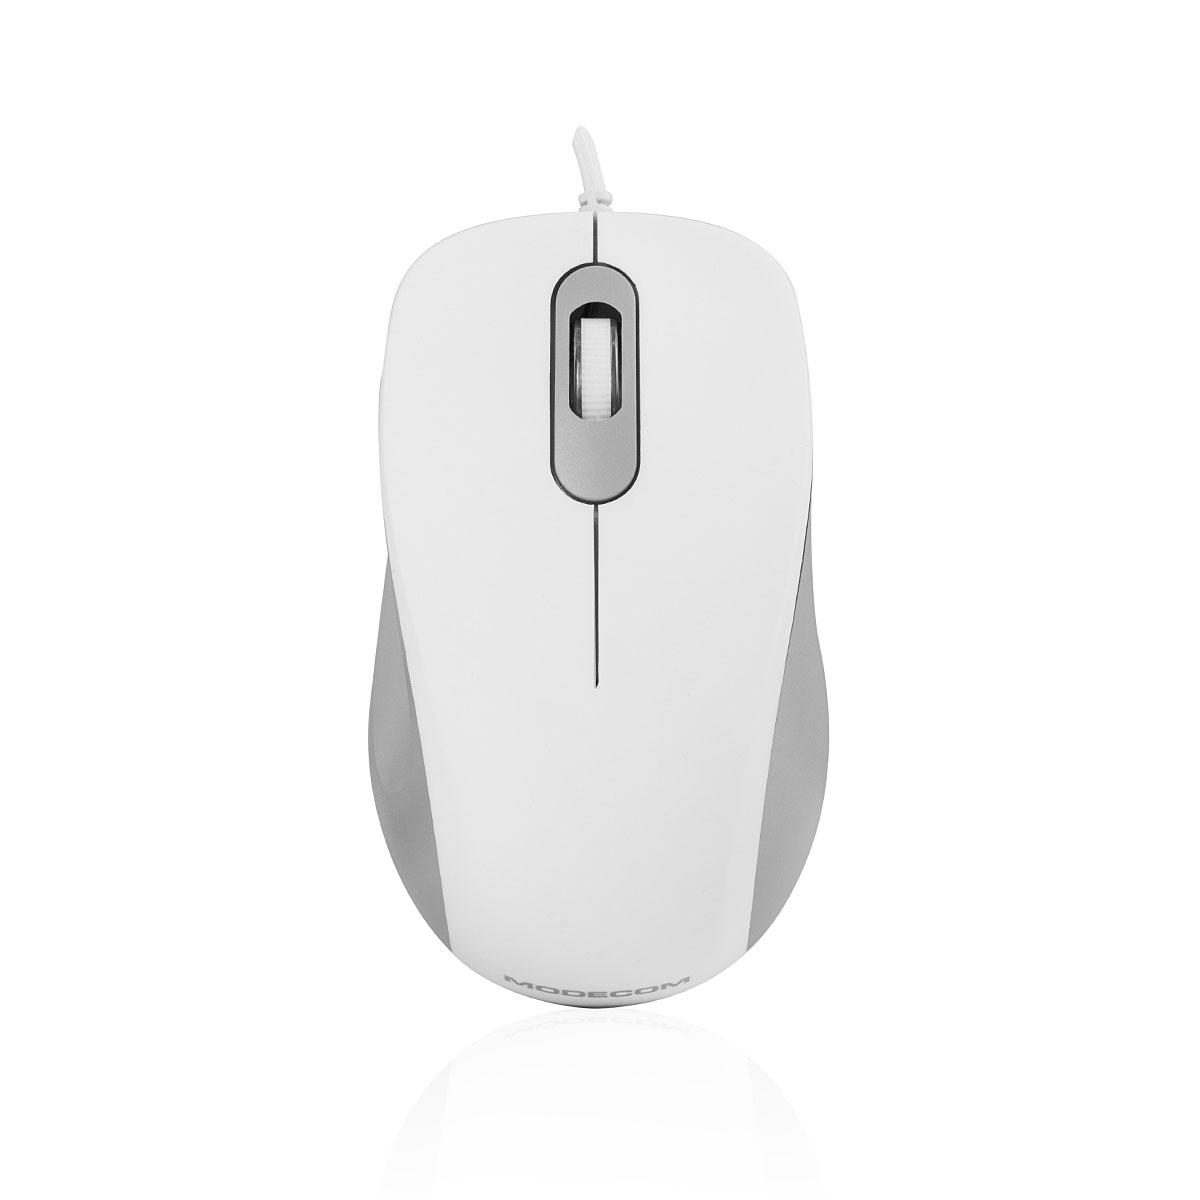 Modecom MC-M10 drátová optická myš, 3 tlačítka, 1000 DPI, USB, bílá